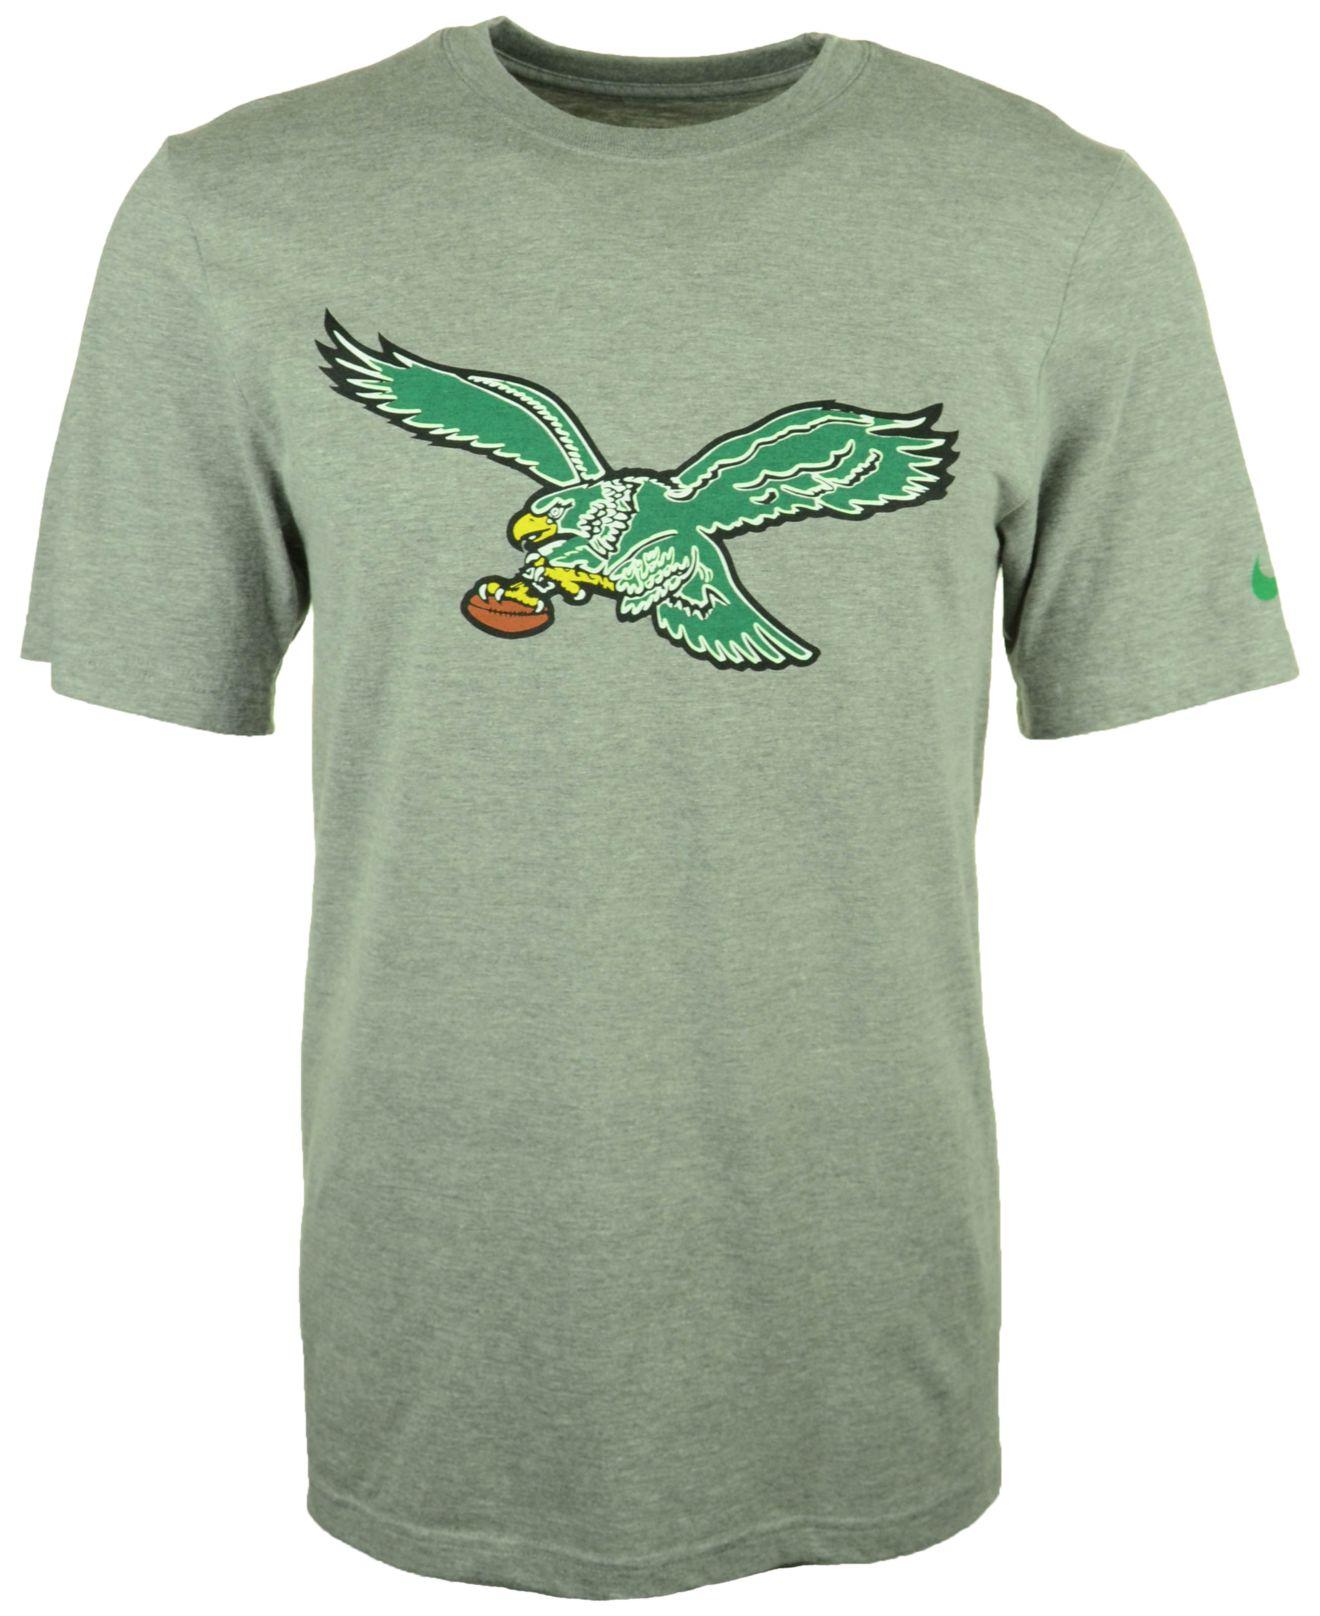 Lyst - Nike Men S Philadelphia Eagles Retro Logo T-Shirt in Gray for Men fbef95b4e